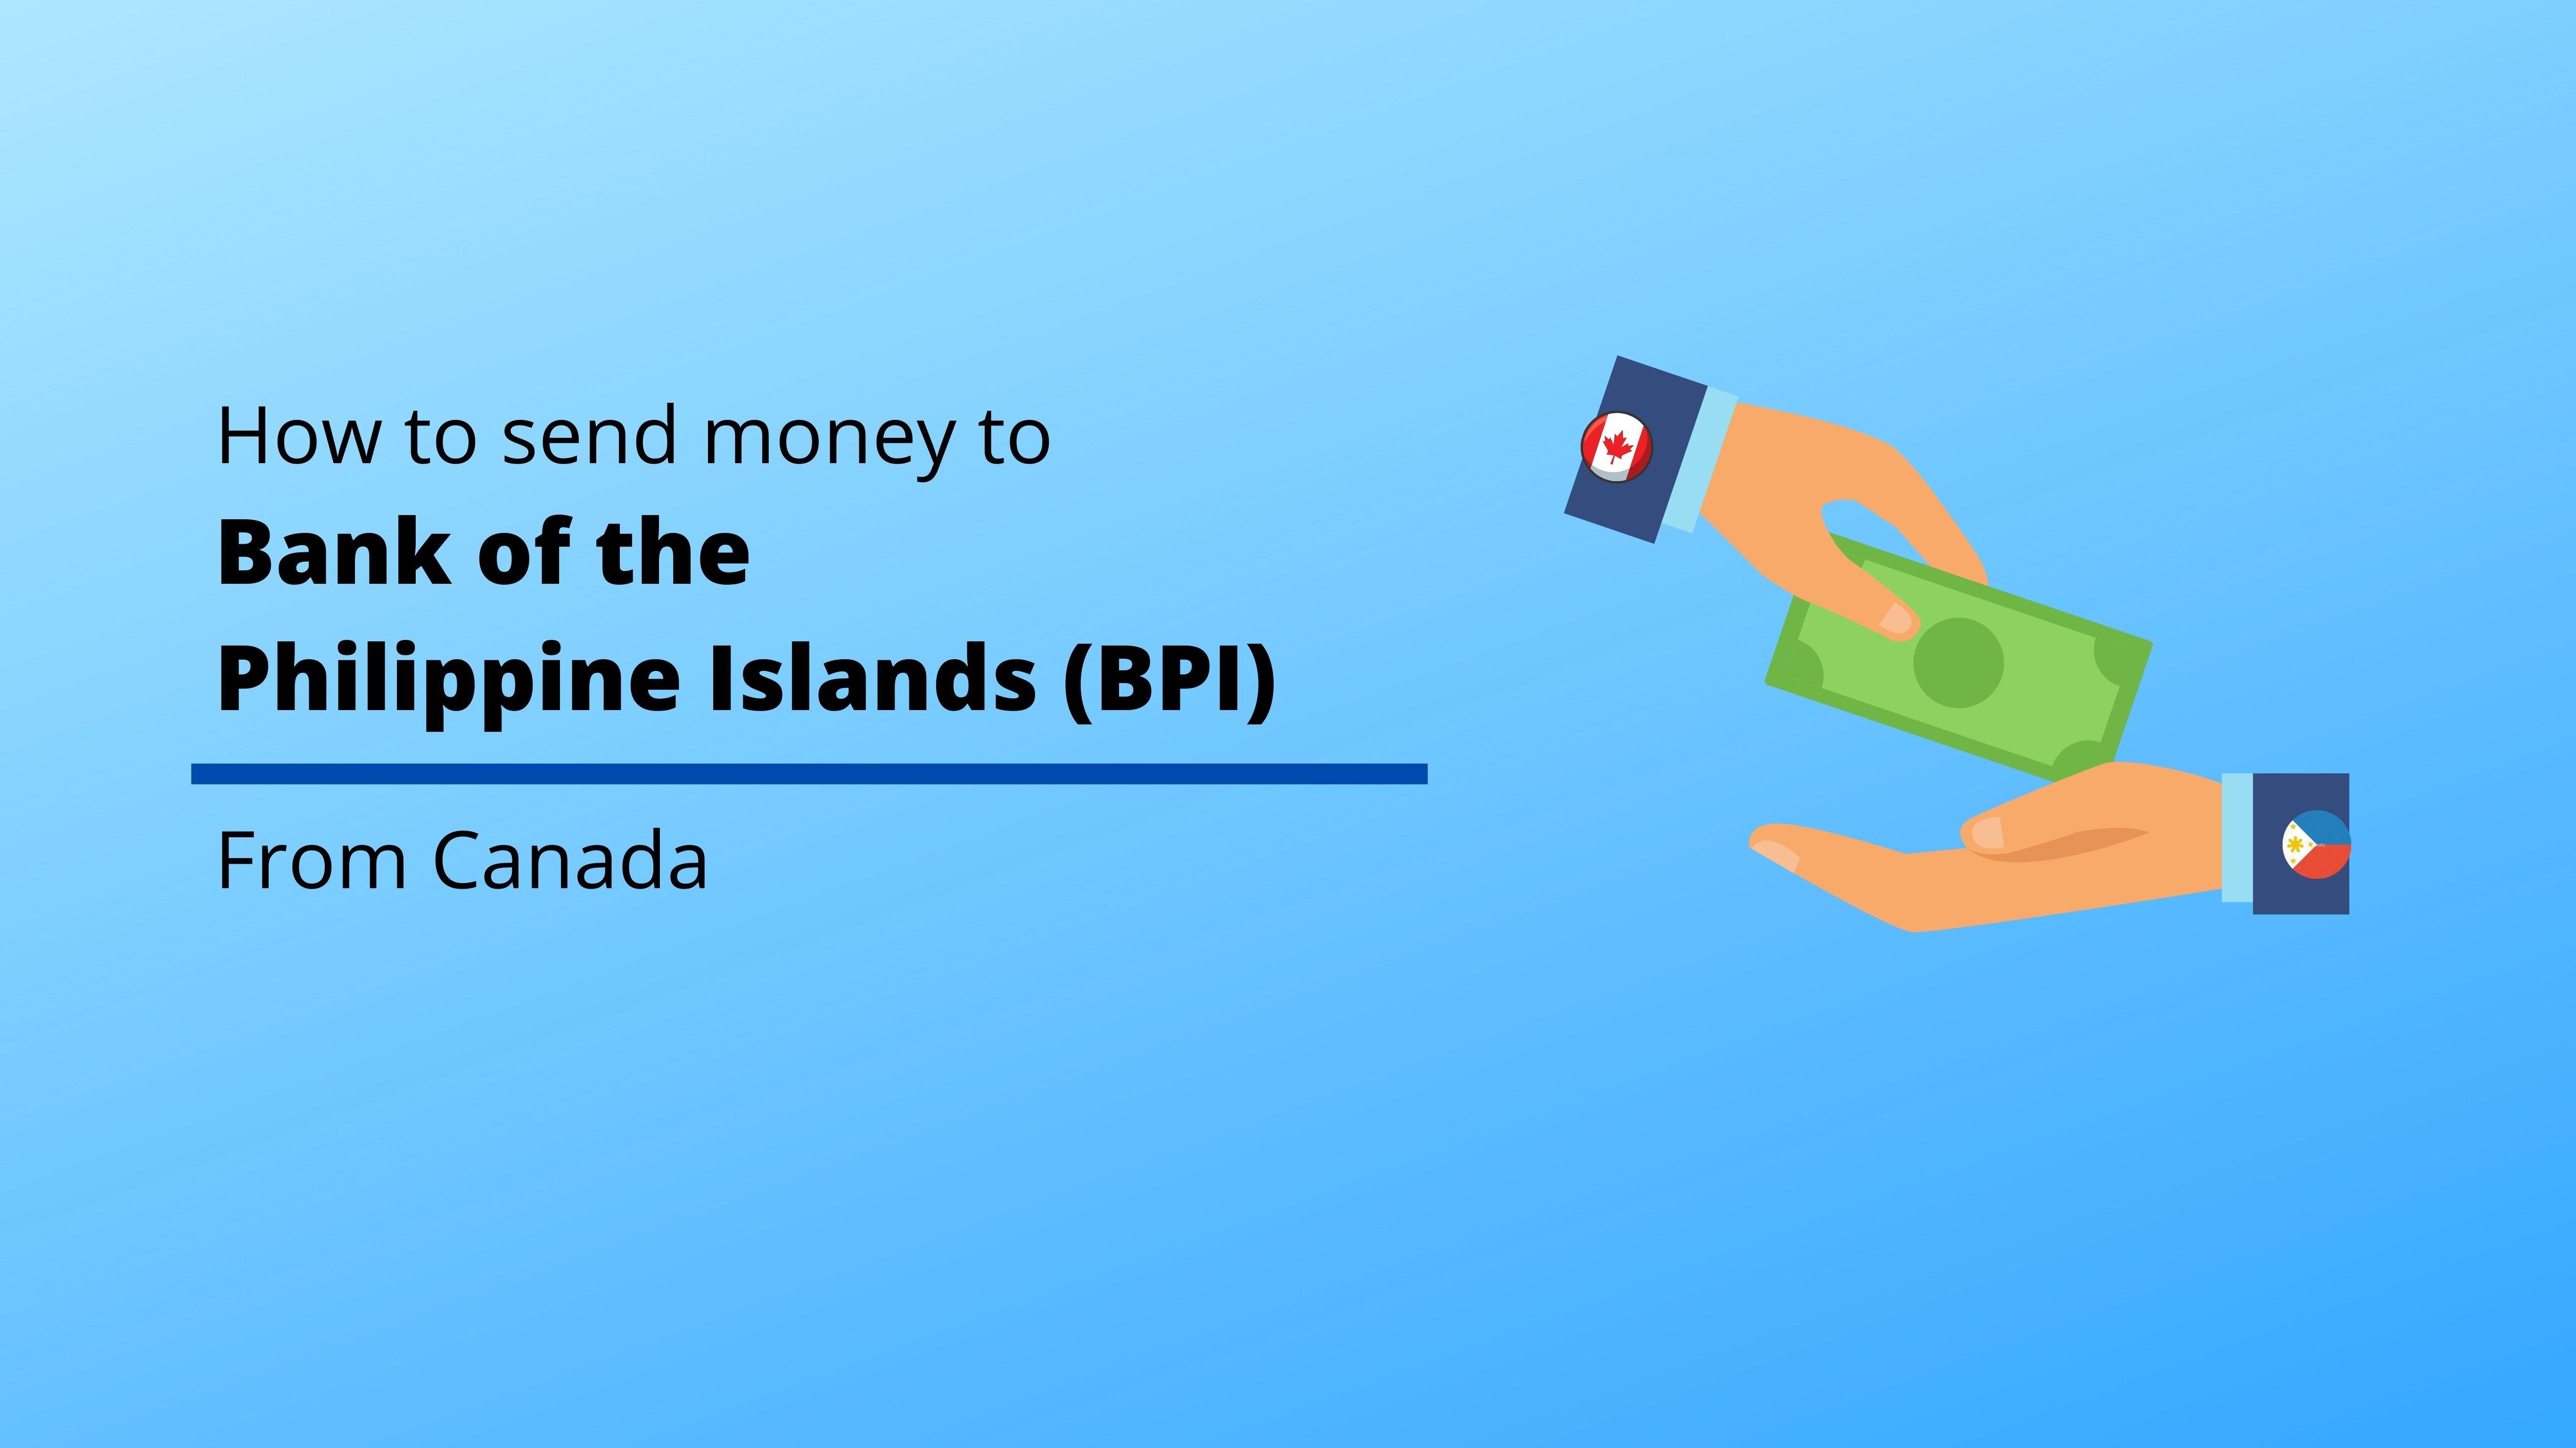 Sending money to BPI is easy!